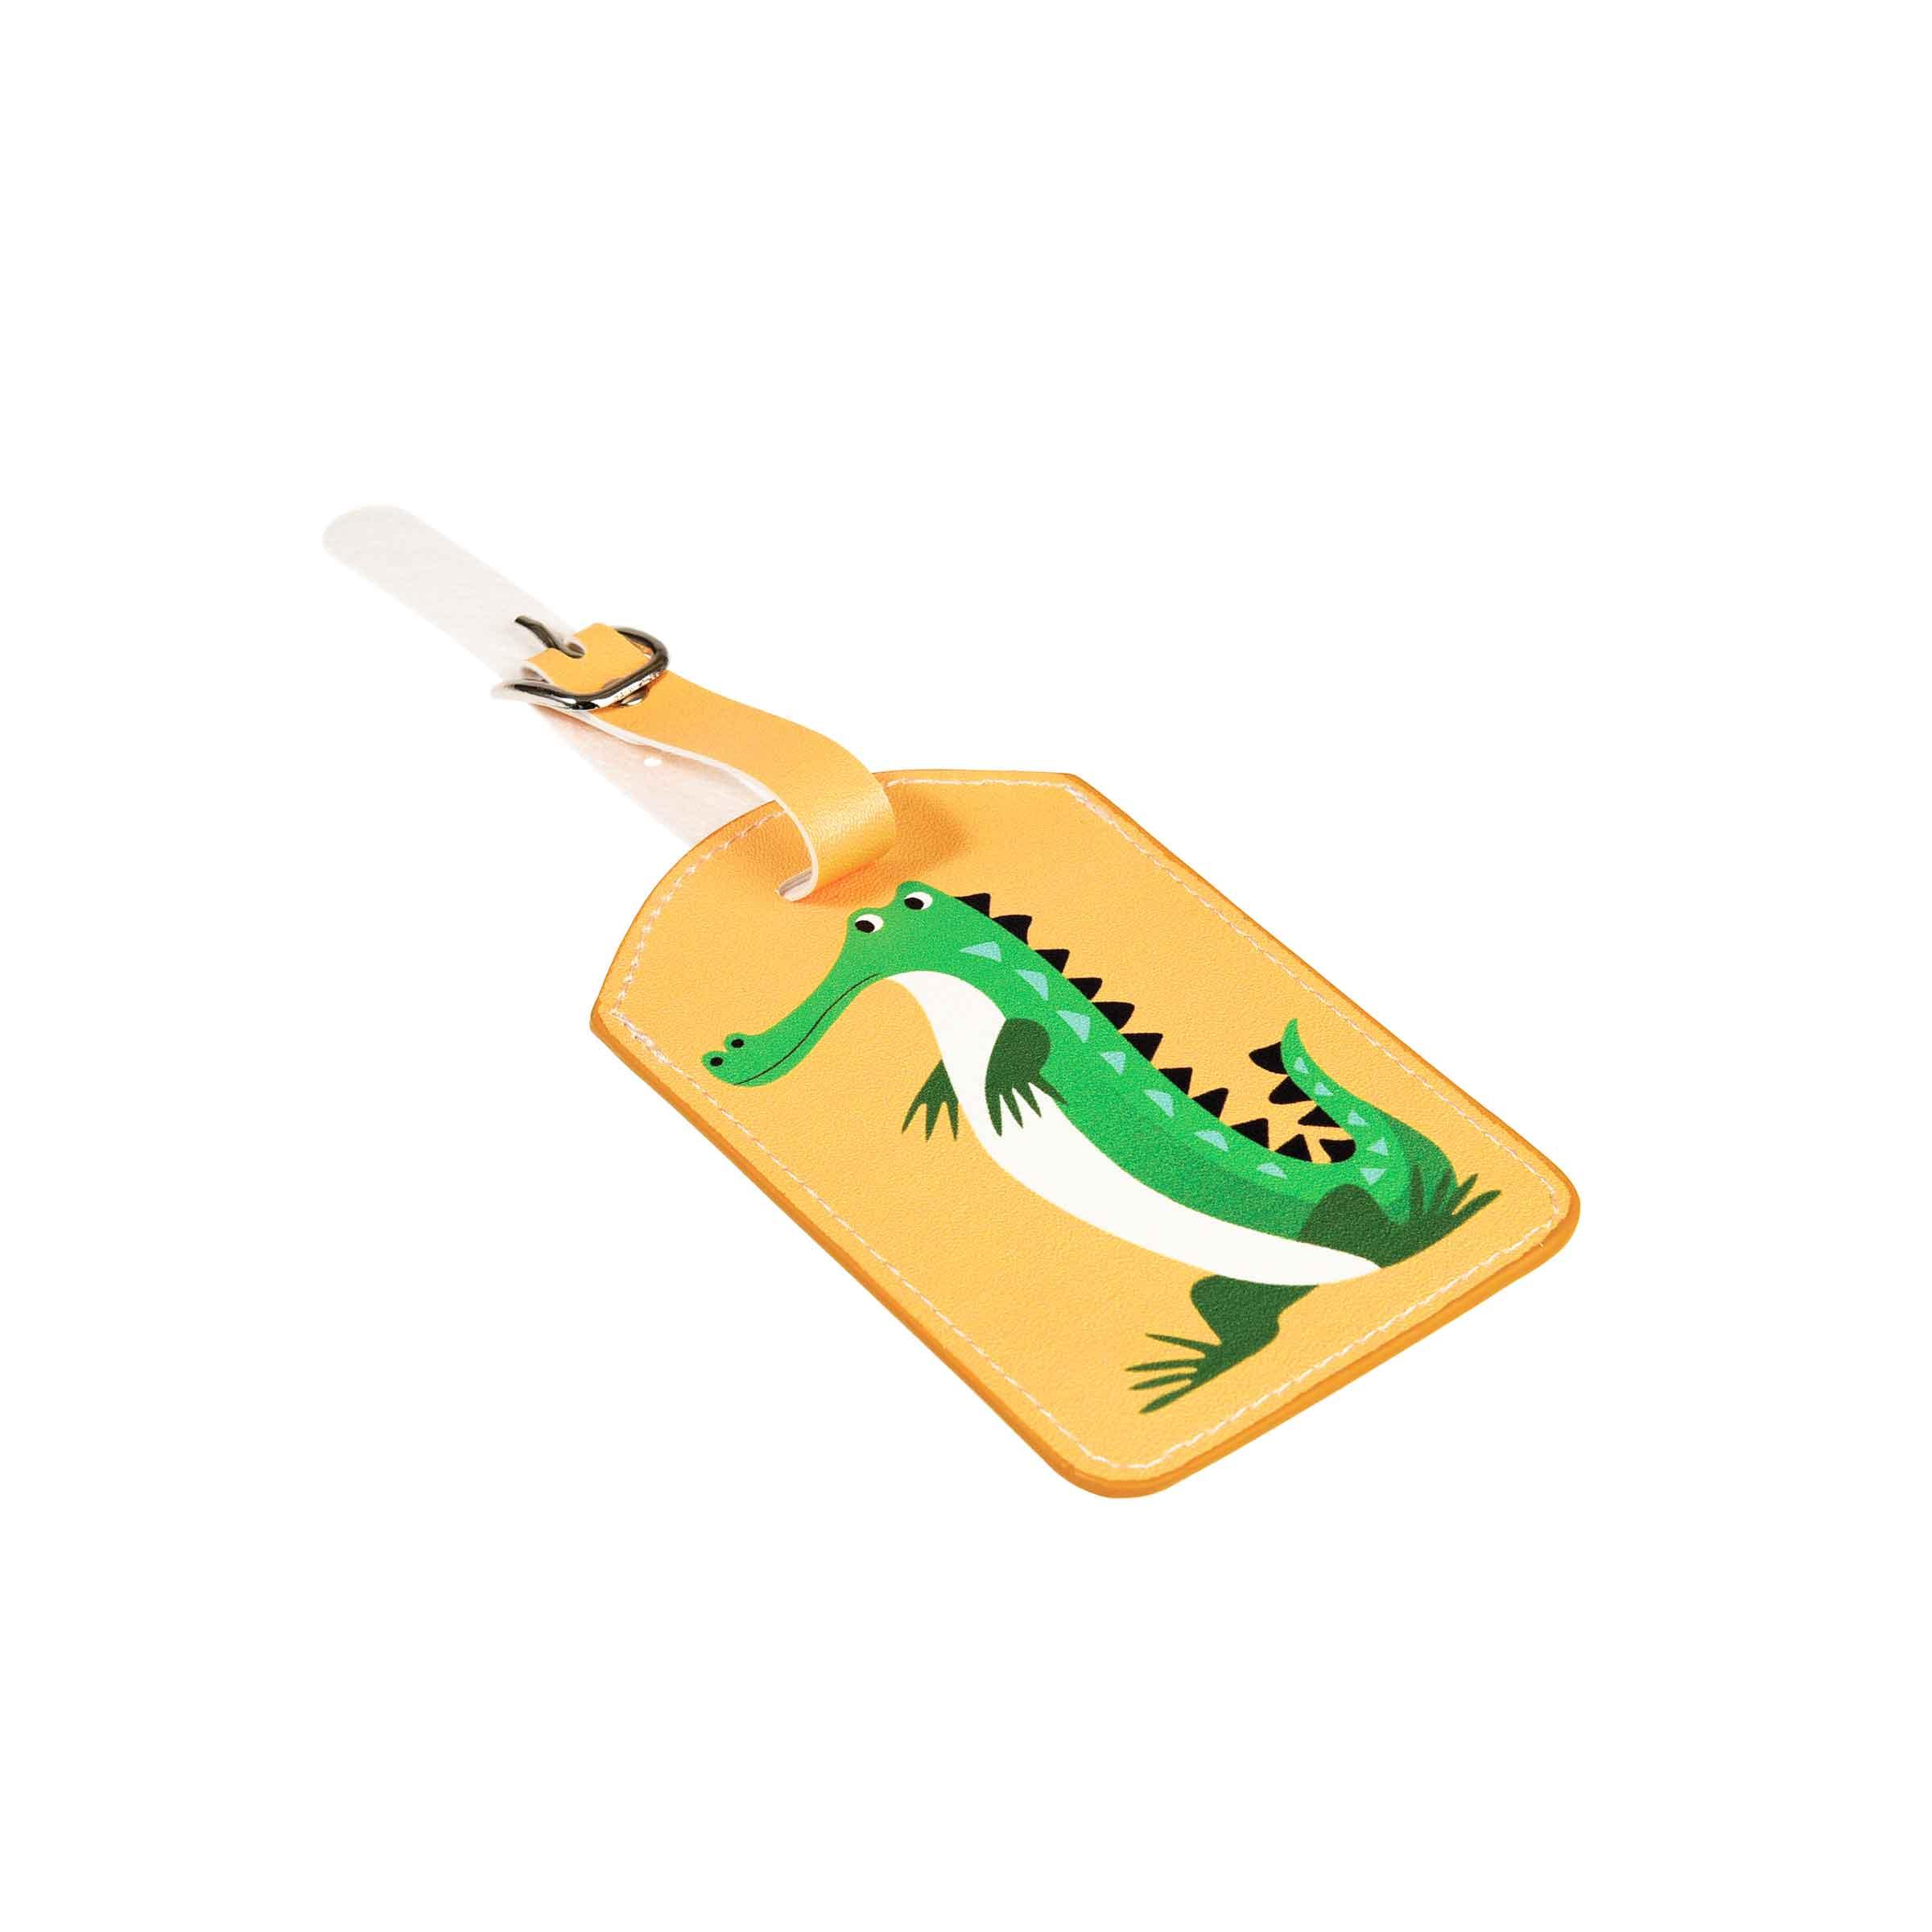 Porte-étiquette en simili cuir jaune avec un crocodile